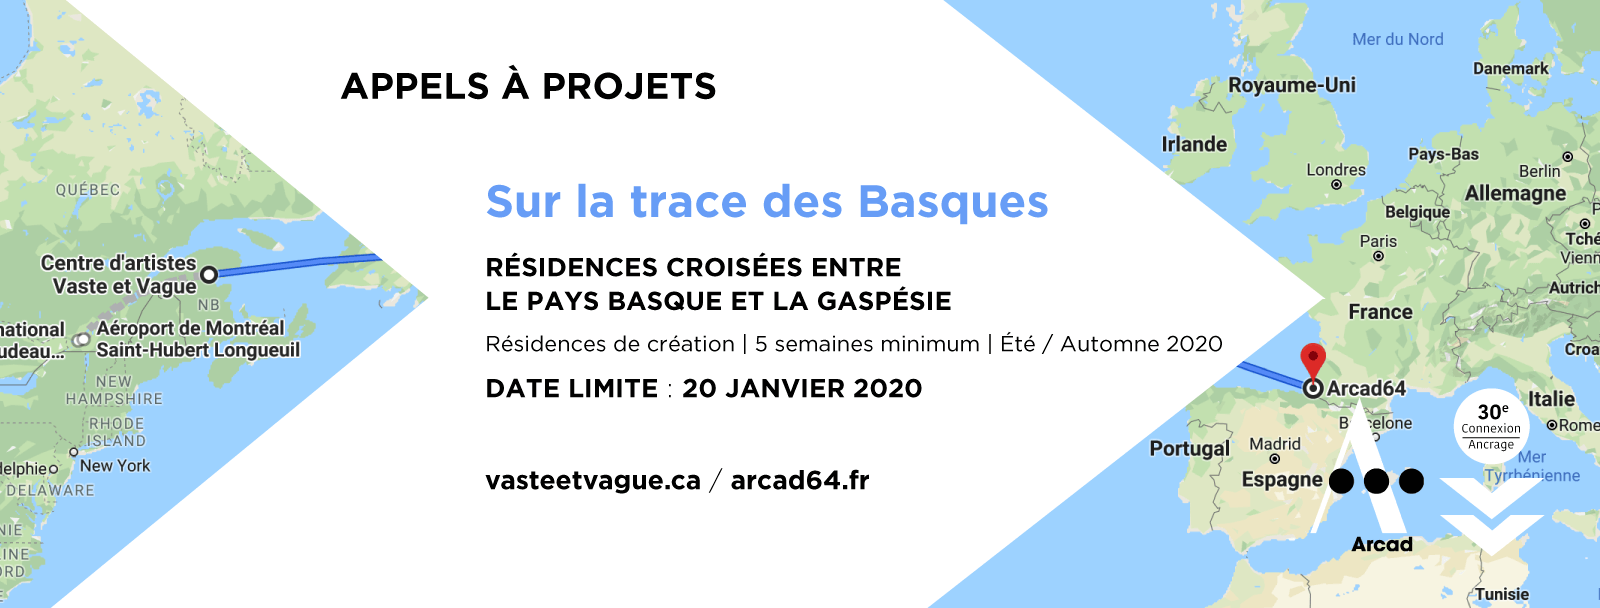 APPELS À PROJETS | Sur la trace des Basques — 2020 | RÉSIDENCES CROISÉES